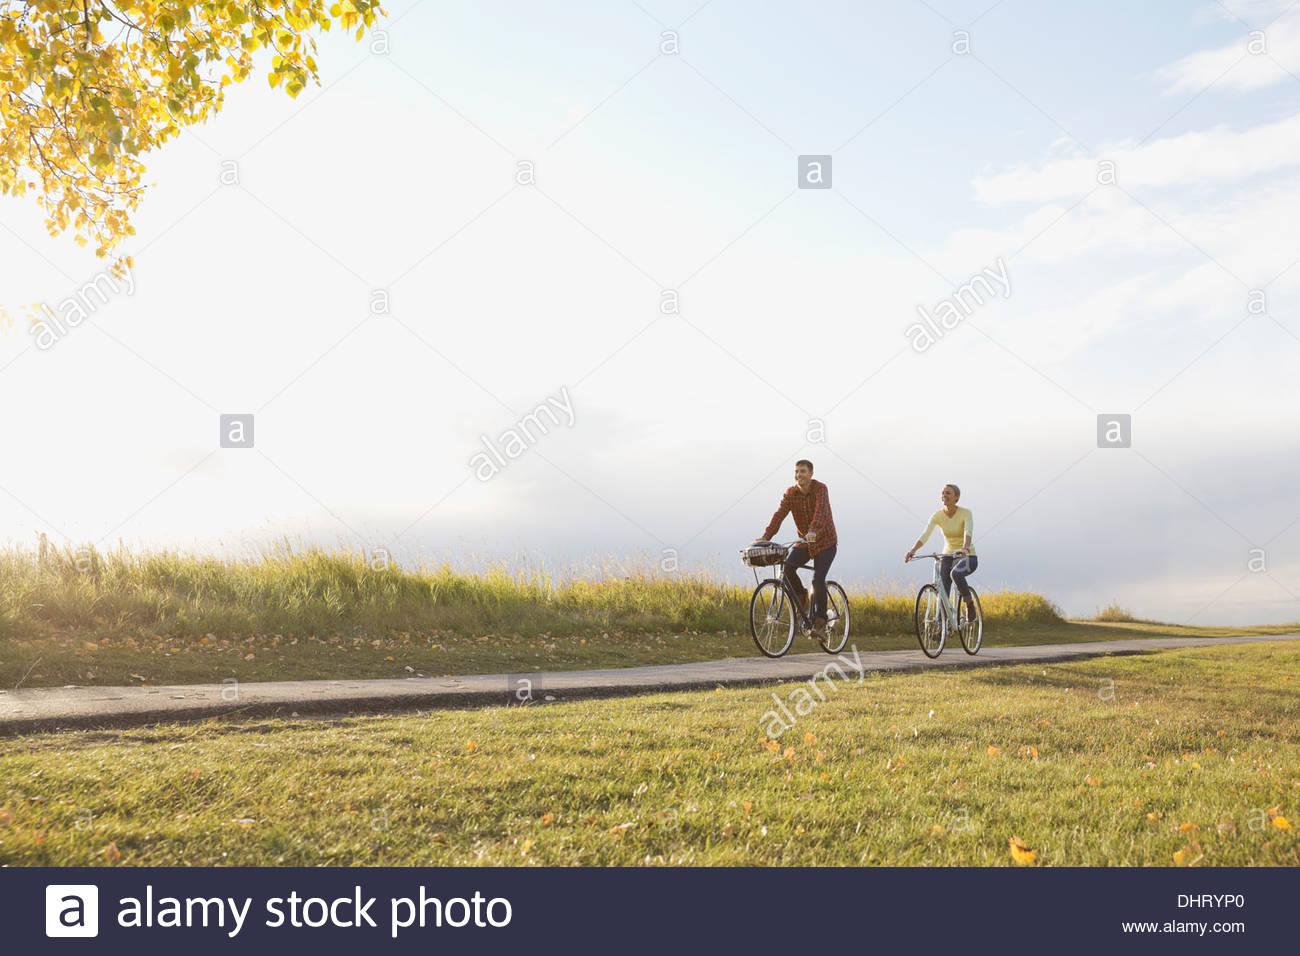 Per tutta la lunghezza della giovane ciclismo su strada di campagna Immagini Stock